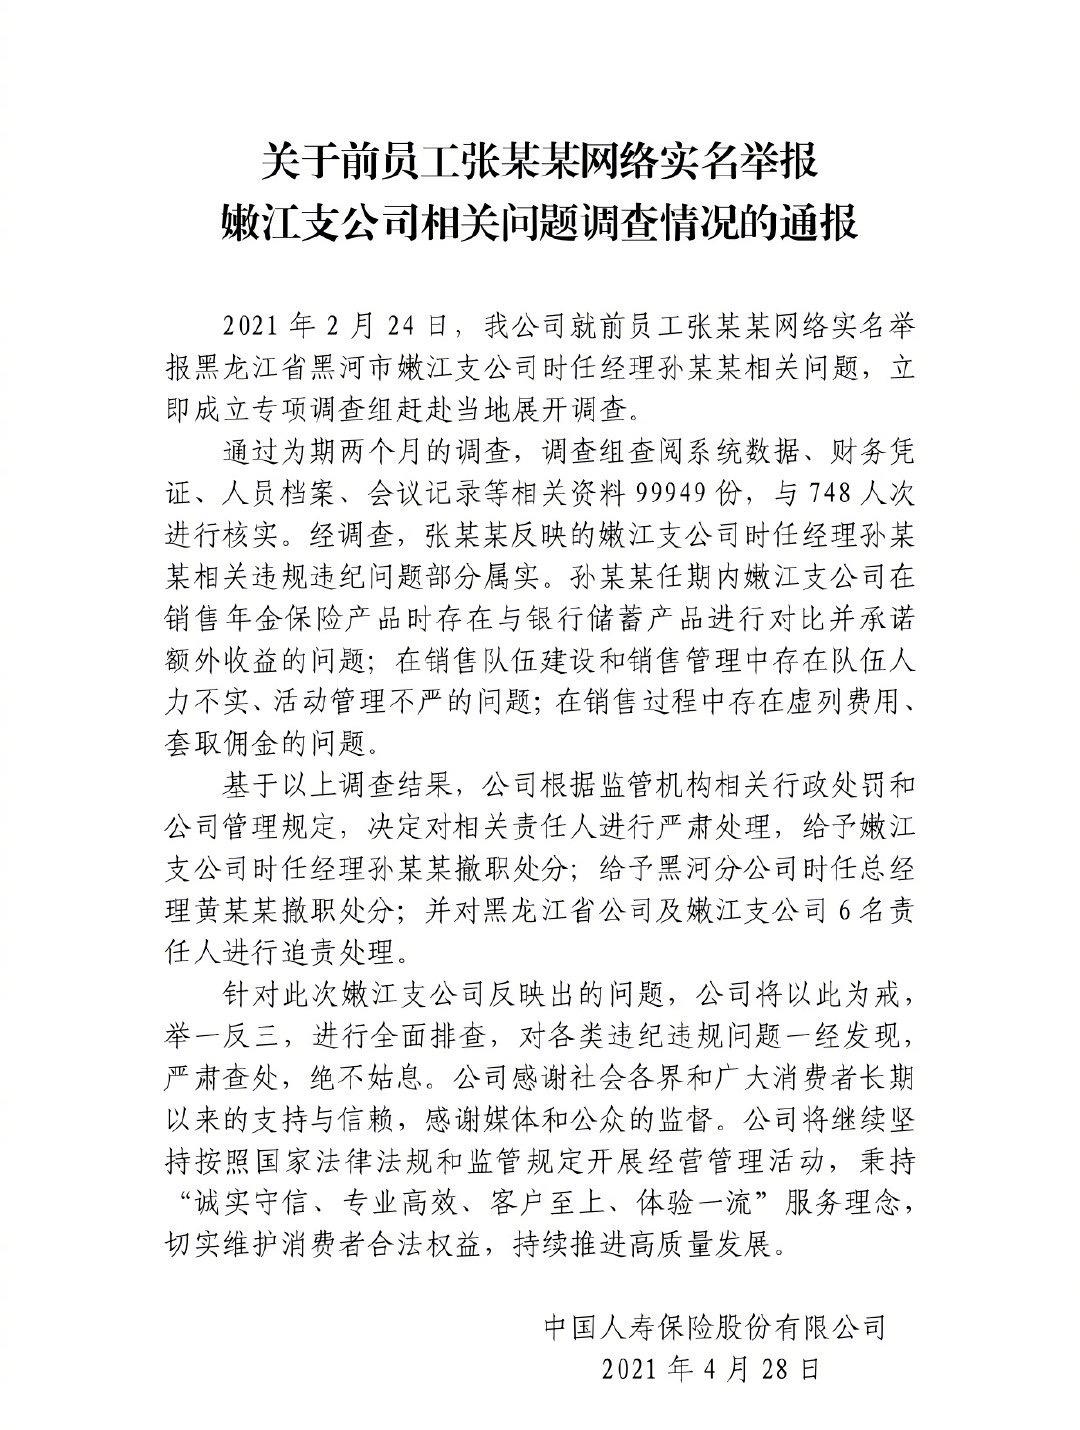 前员工实名举报曾上热搜 中国人寿公布调查结果:部分属实